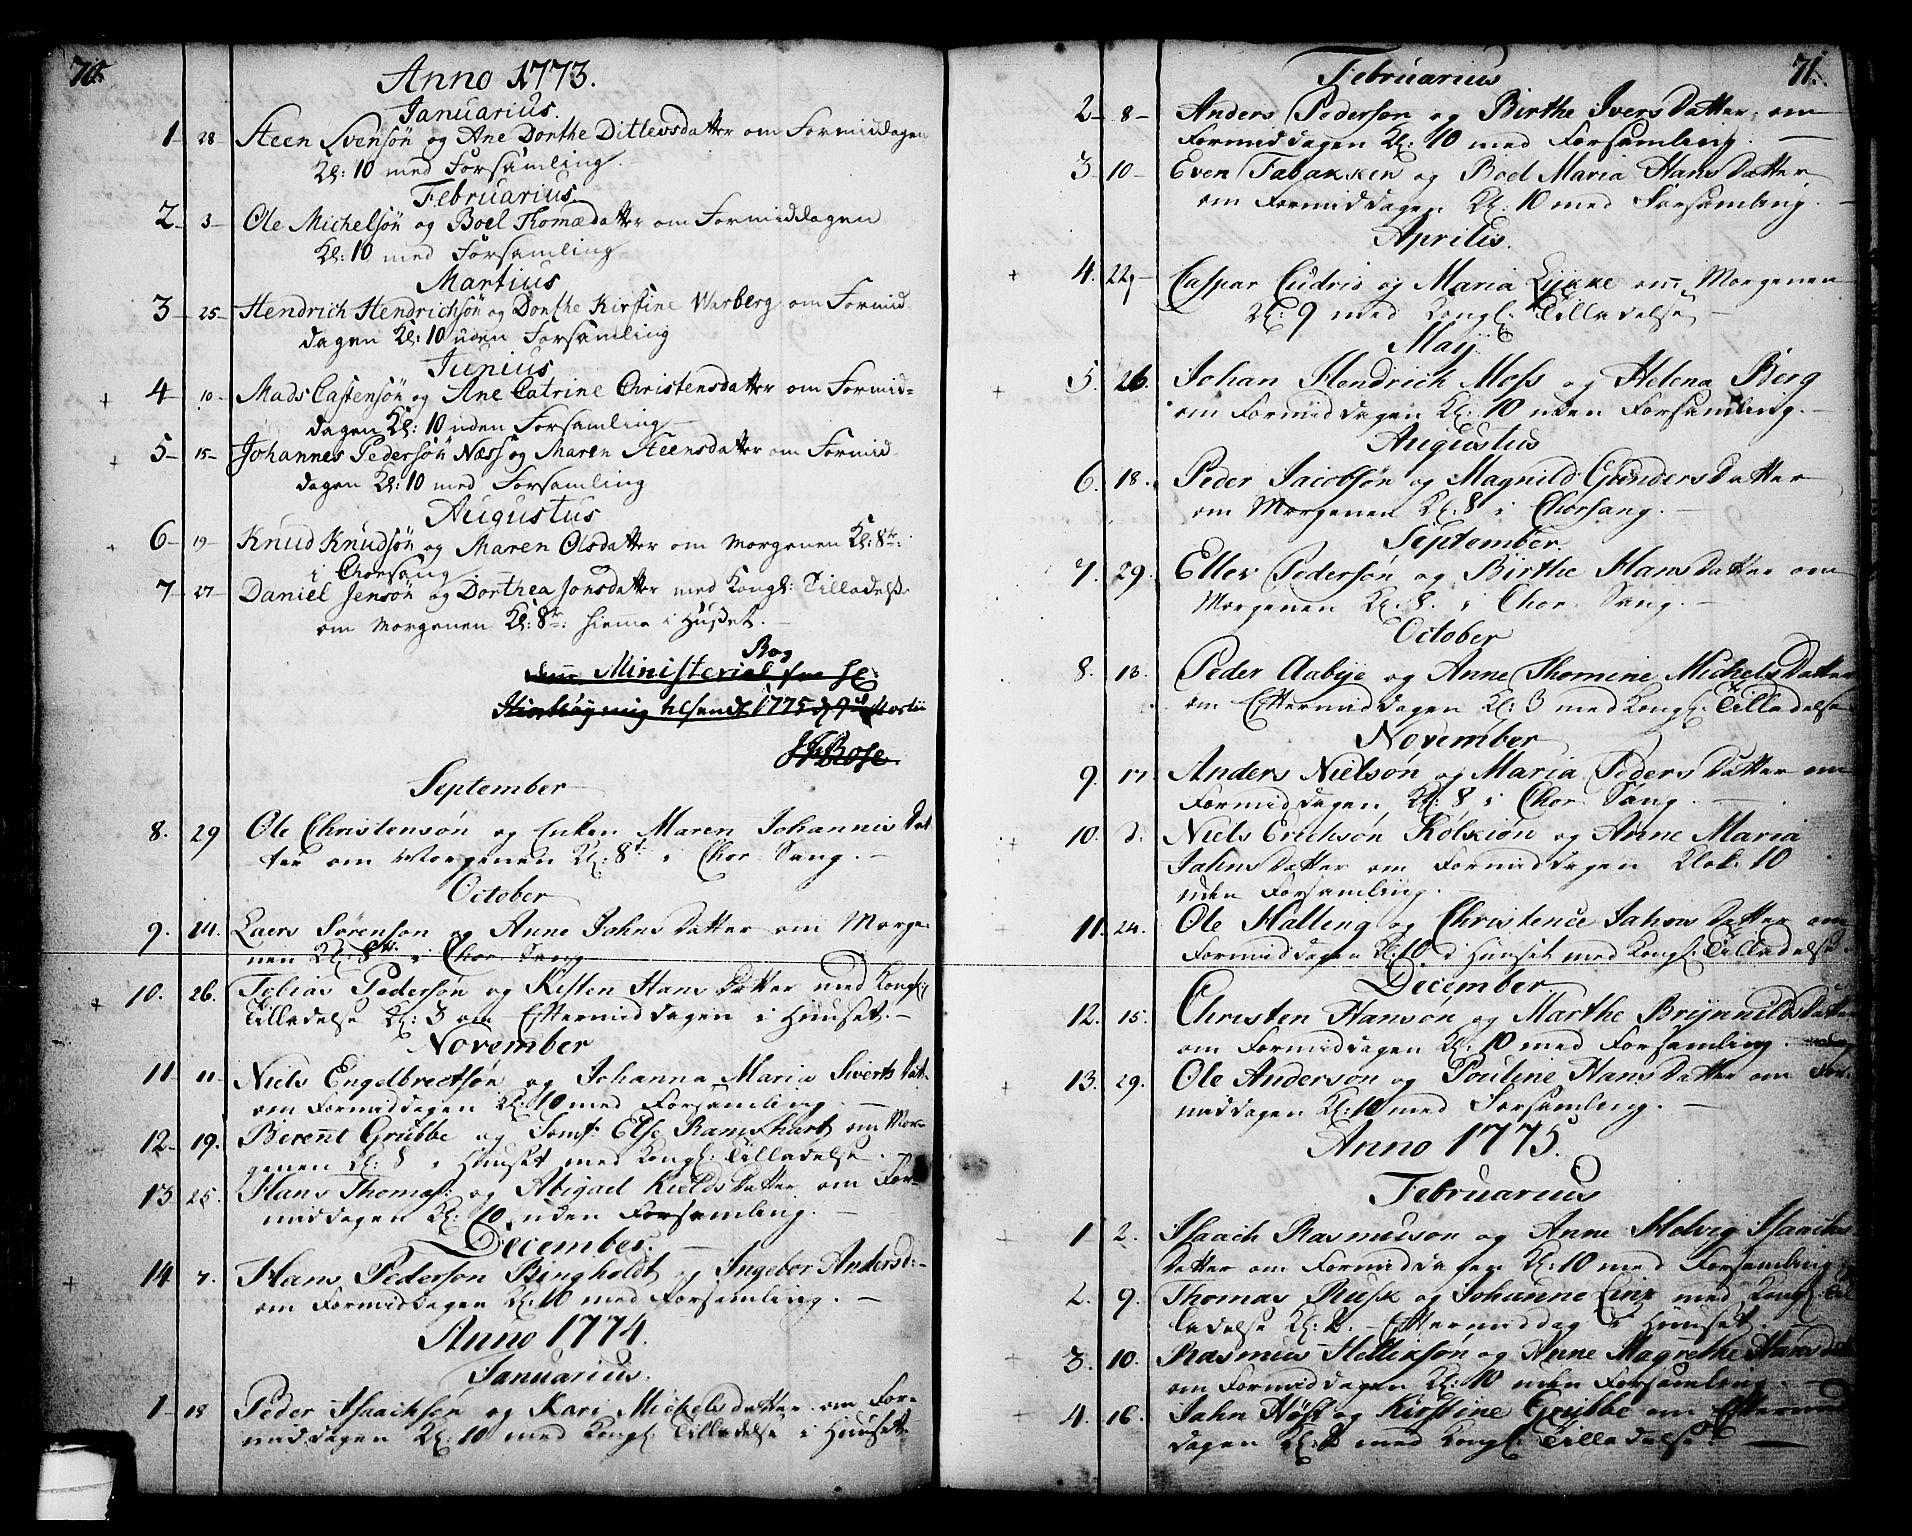 SAKO, Skien kirkebøker, F/Fa/L0003: Ministerialbok nr. 3, 1755-1791, s. 70-71